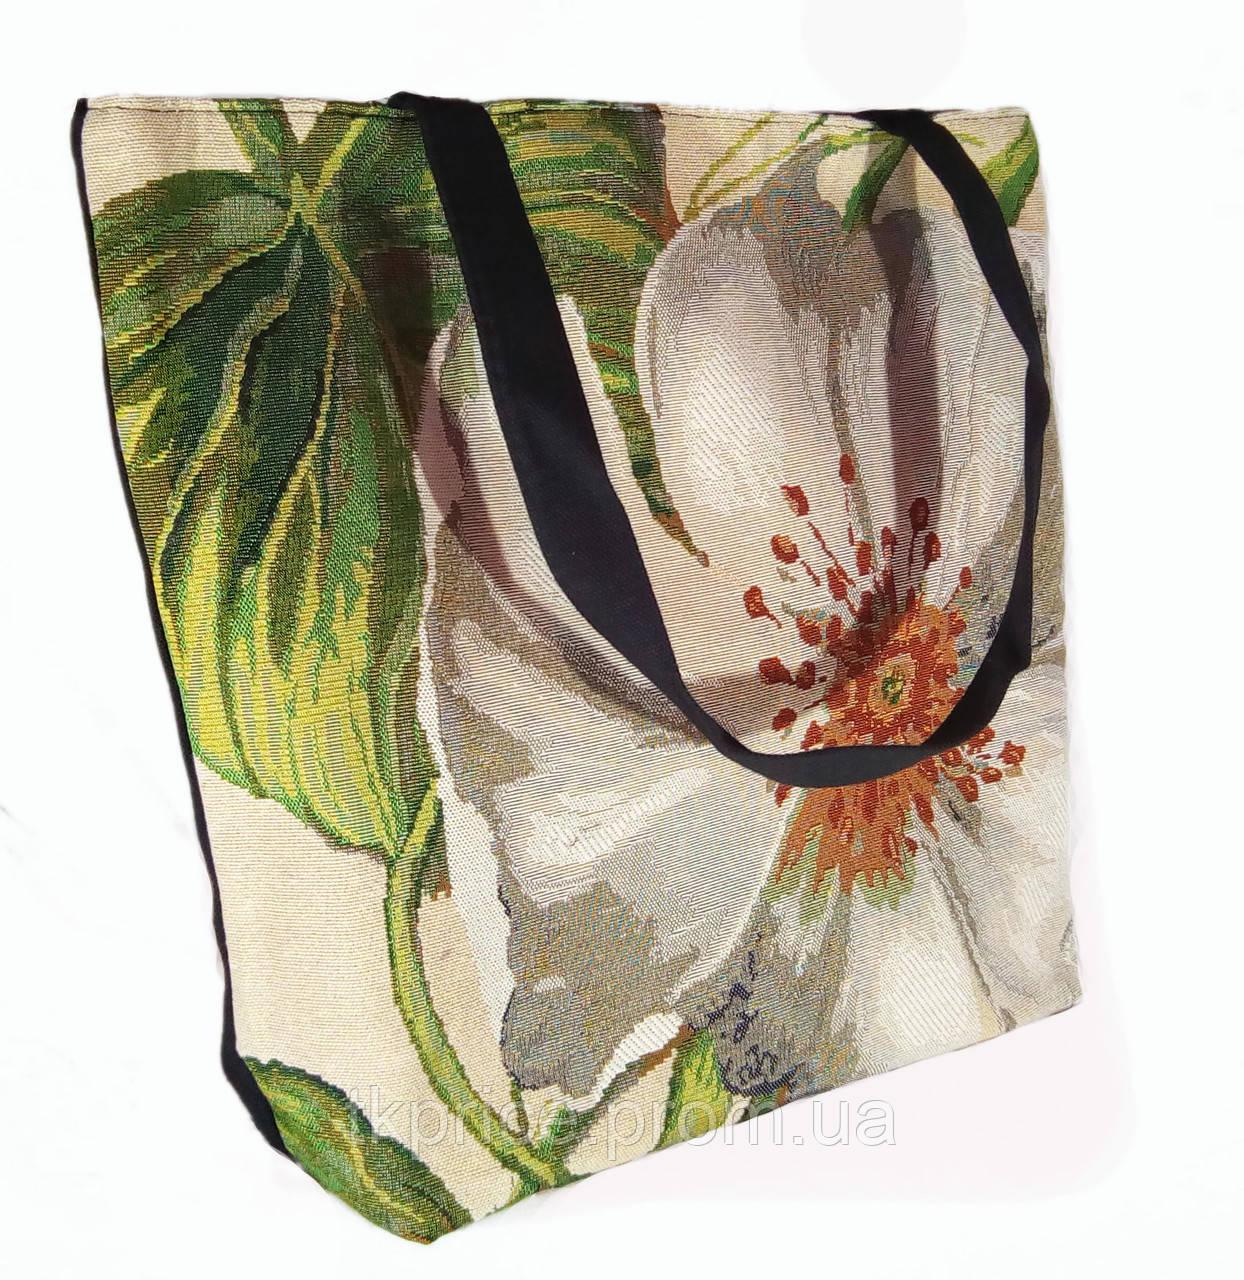 a5a2a0cdb2c6 Пляжная сумка хлопковая, цена 119 грн., купить в Хмельницком — Prom ...